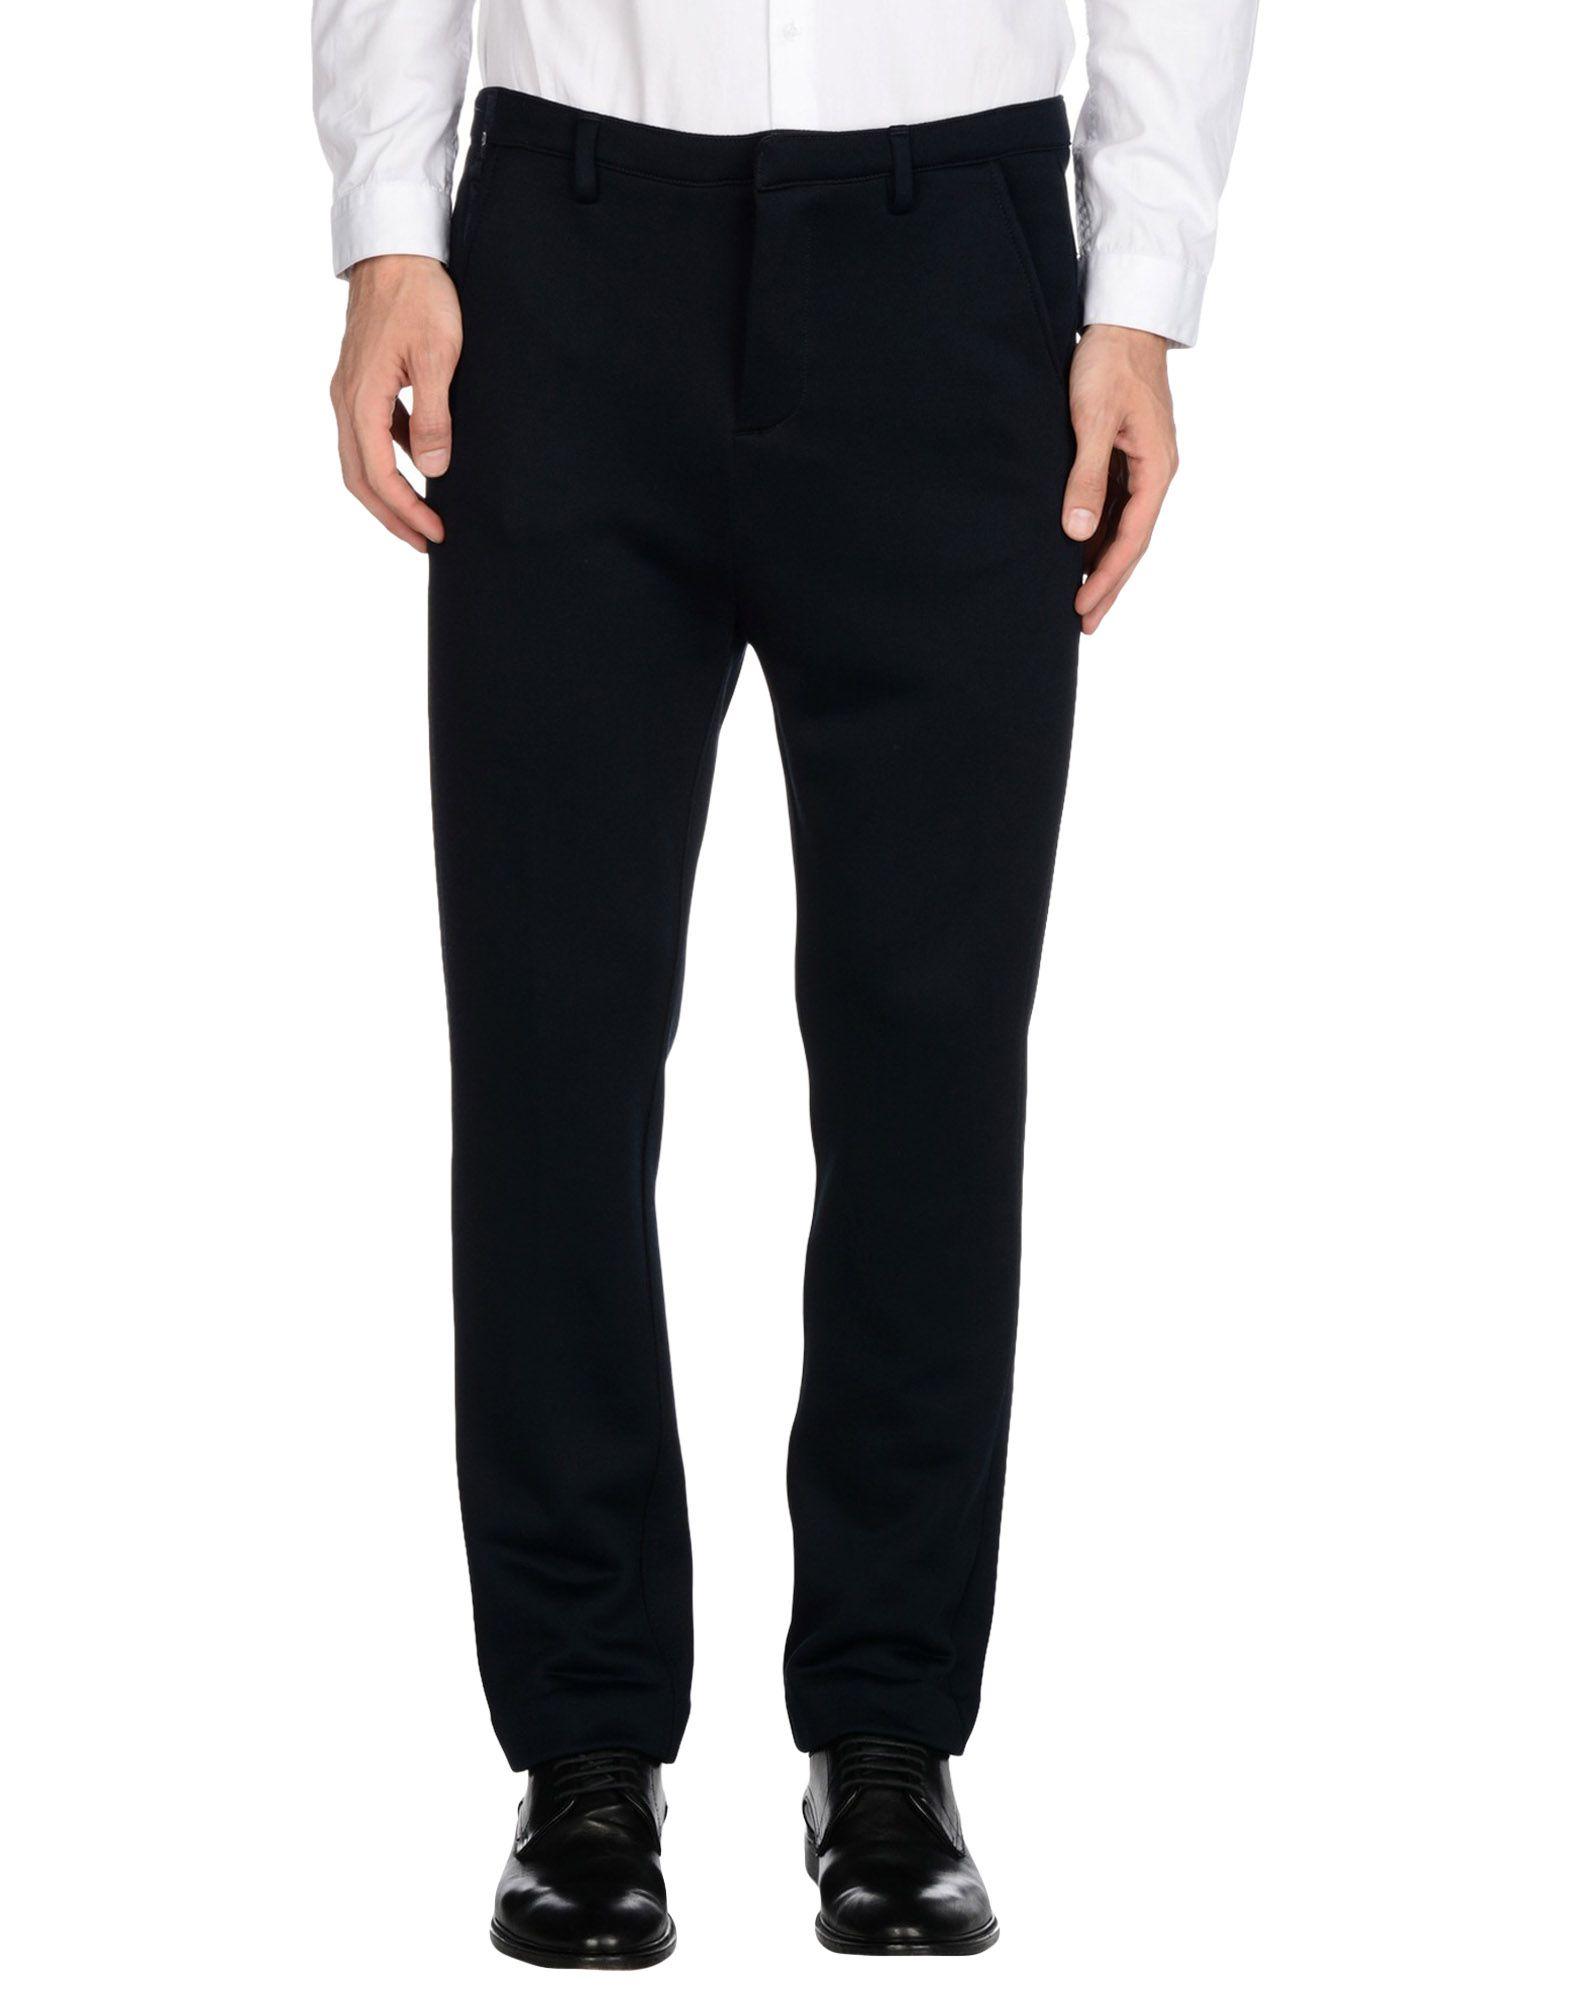 Pantalone Dondup uomo - 36879771PO